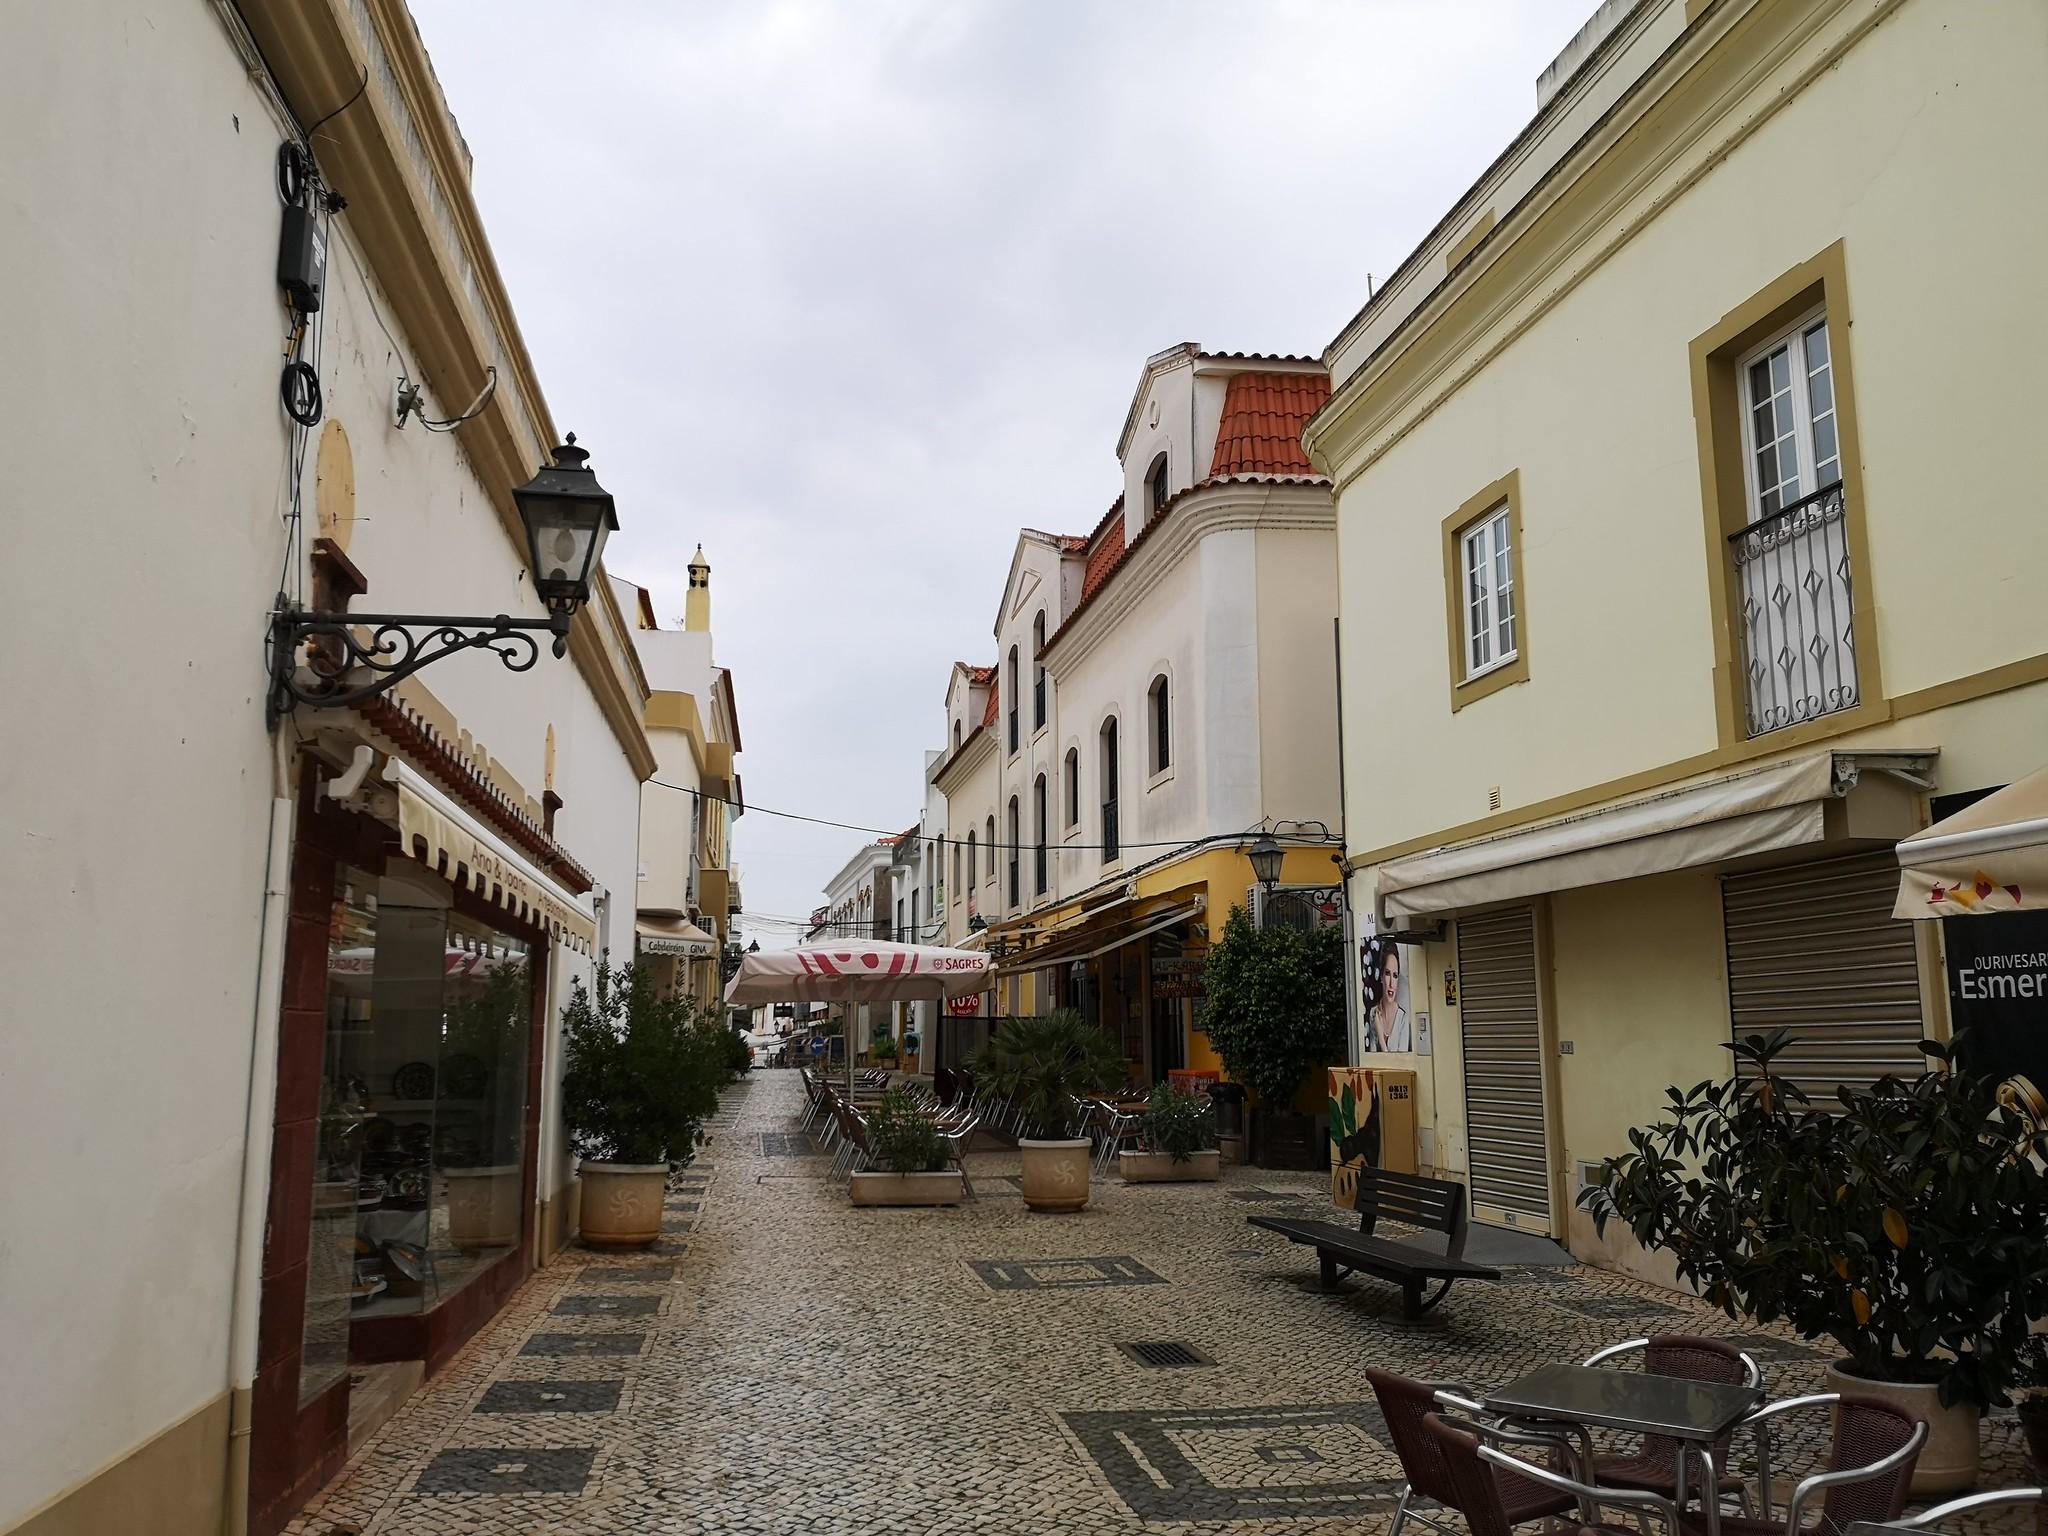 edificios y calles de Silves Algarve Portugal